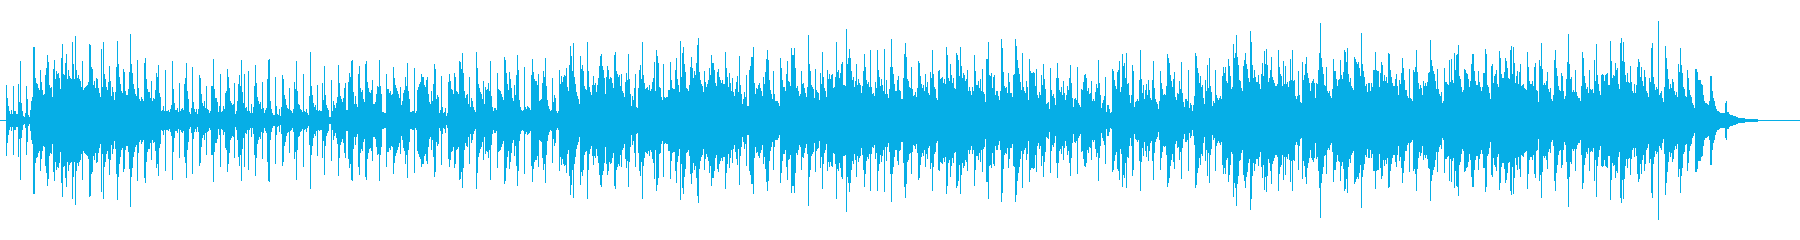 哀愁のラヴ・バラードの再生済みの波形